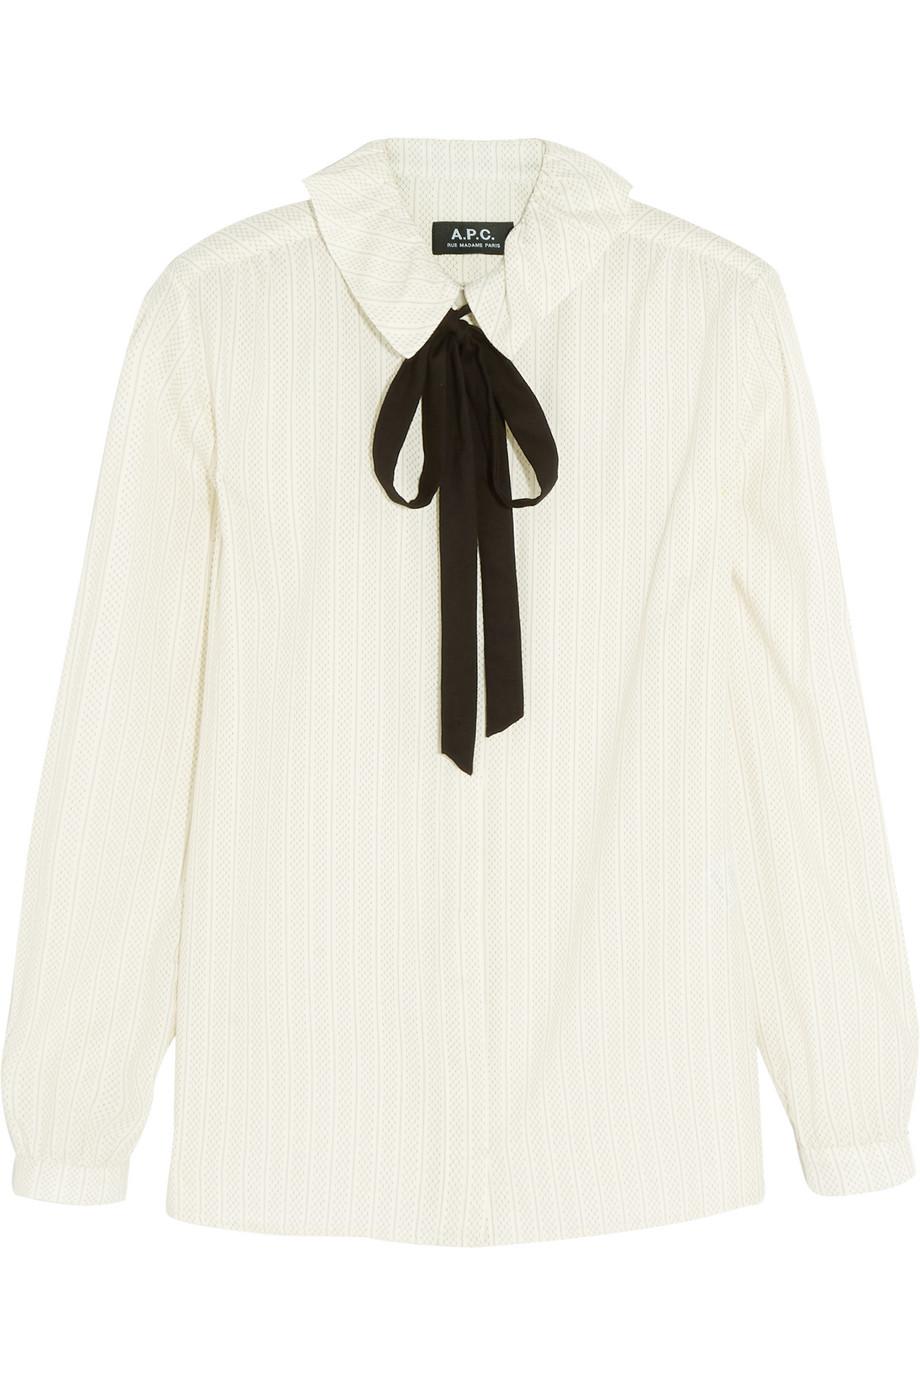 Pussy-Bow Printed Cotton-Crepe Shirt, A.P.C. Atelier De Production Et De Création, Cream, Women's, Size: 34